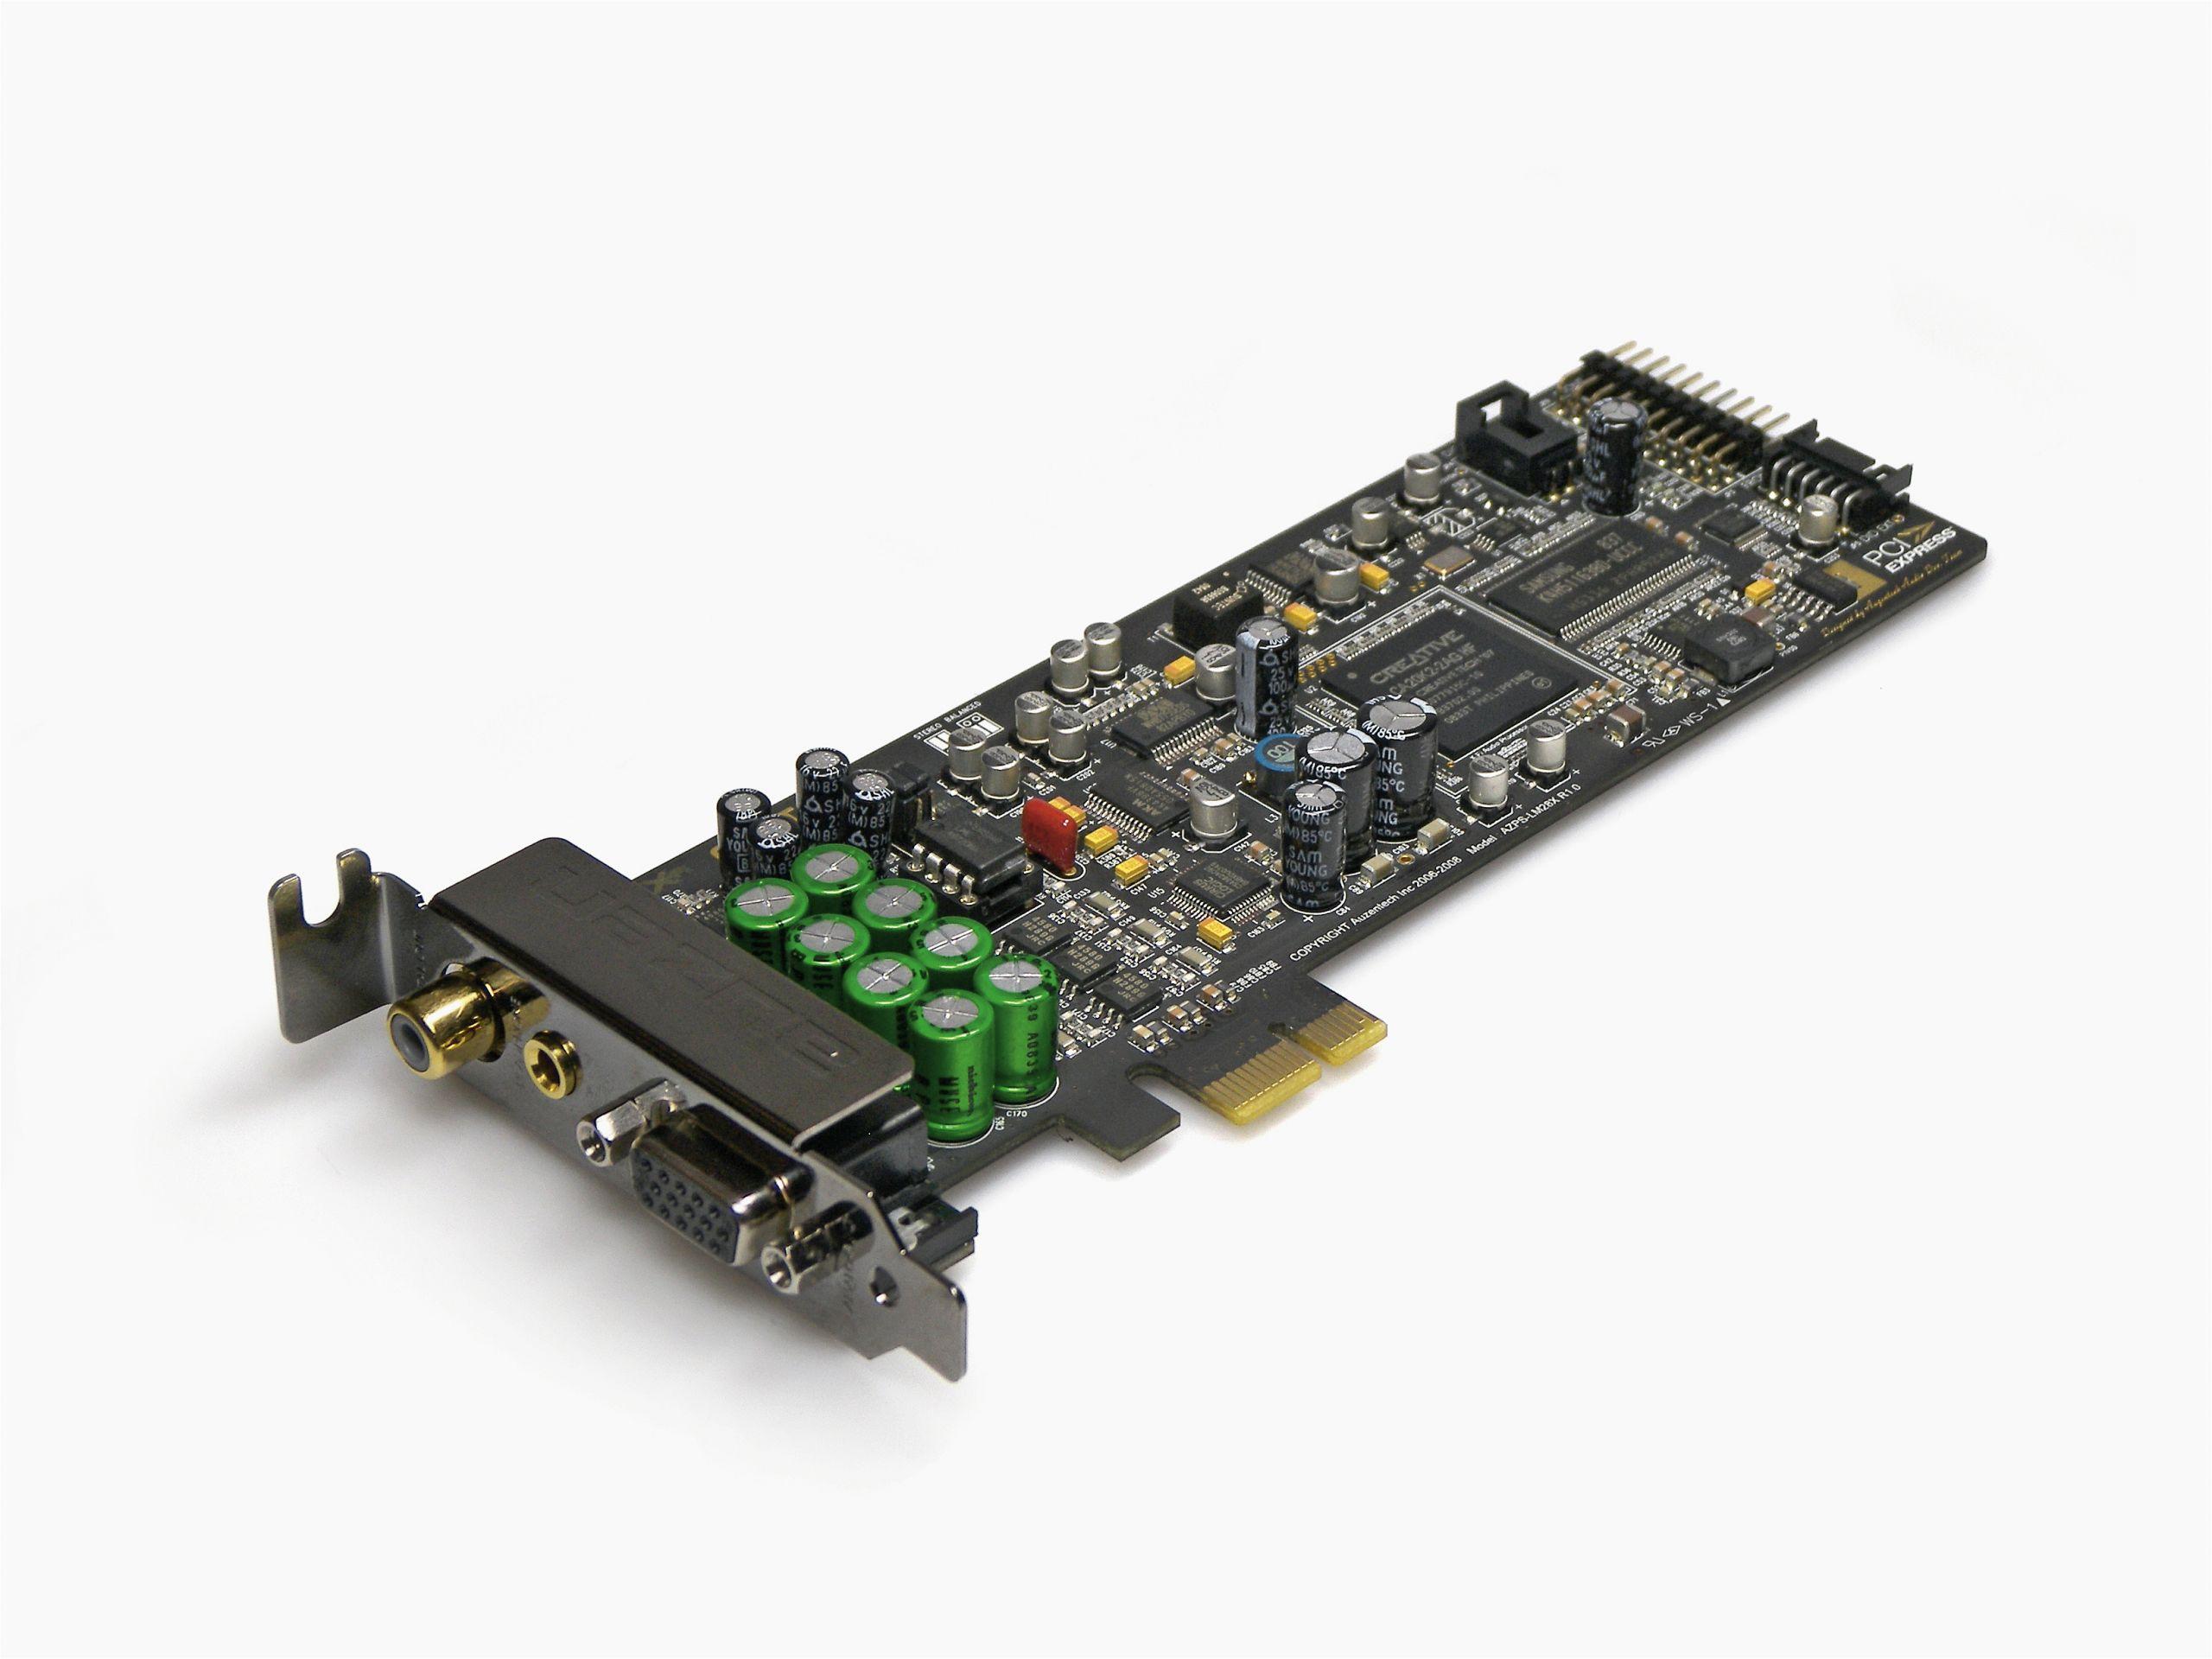 Creative X-fi Titanium Pcie Audio Card 5 soundkarten Von asus Auzentech Und Creative Im Test